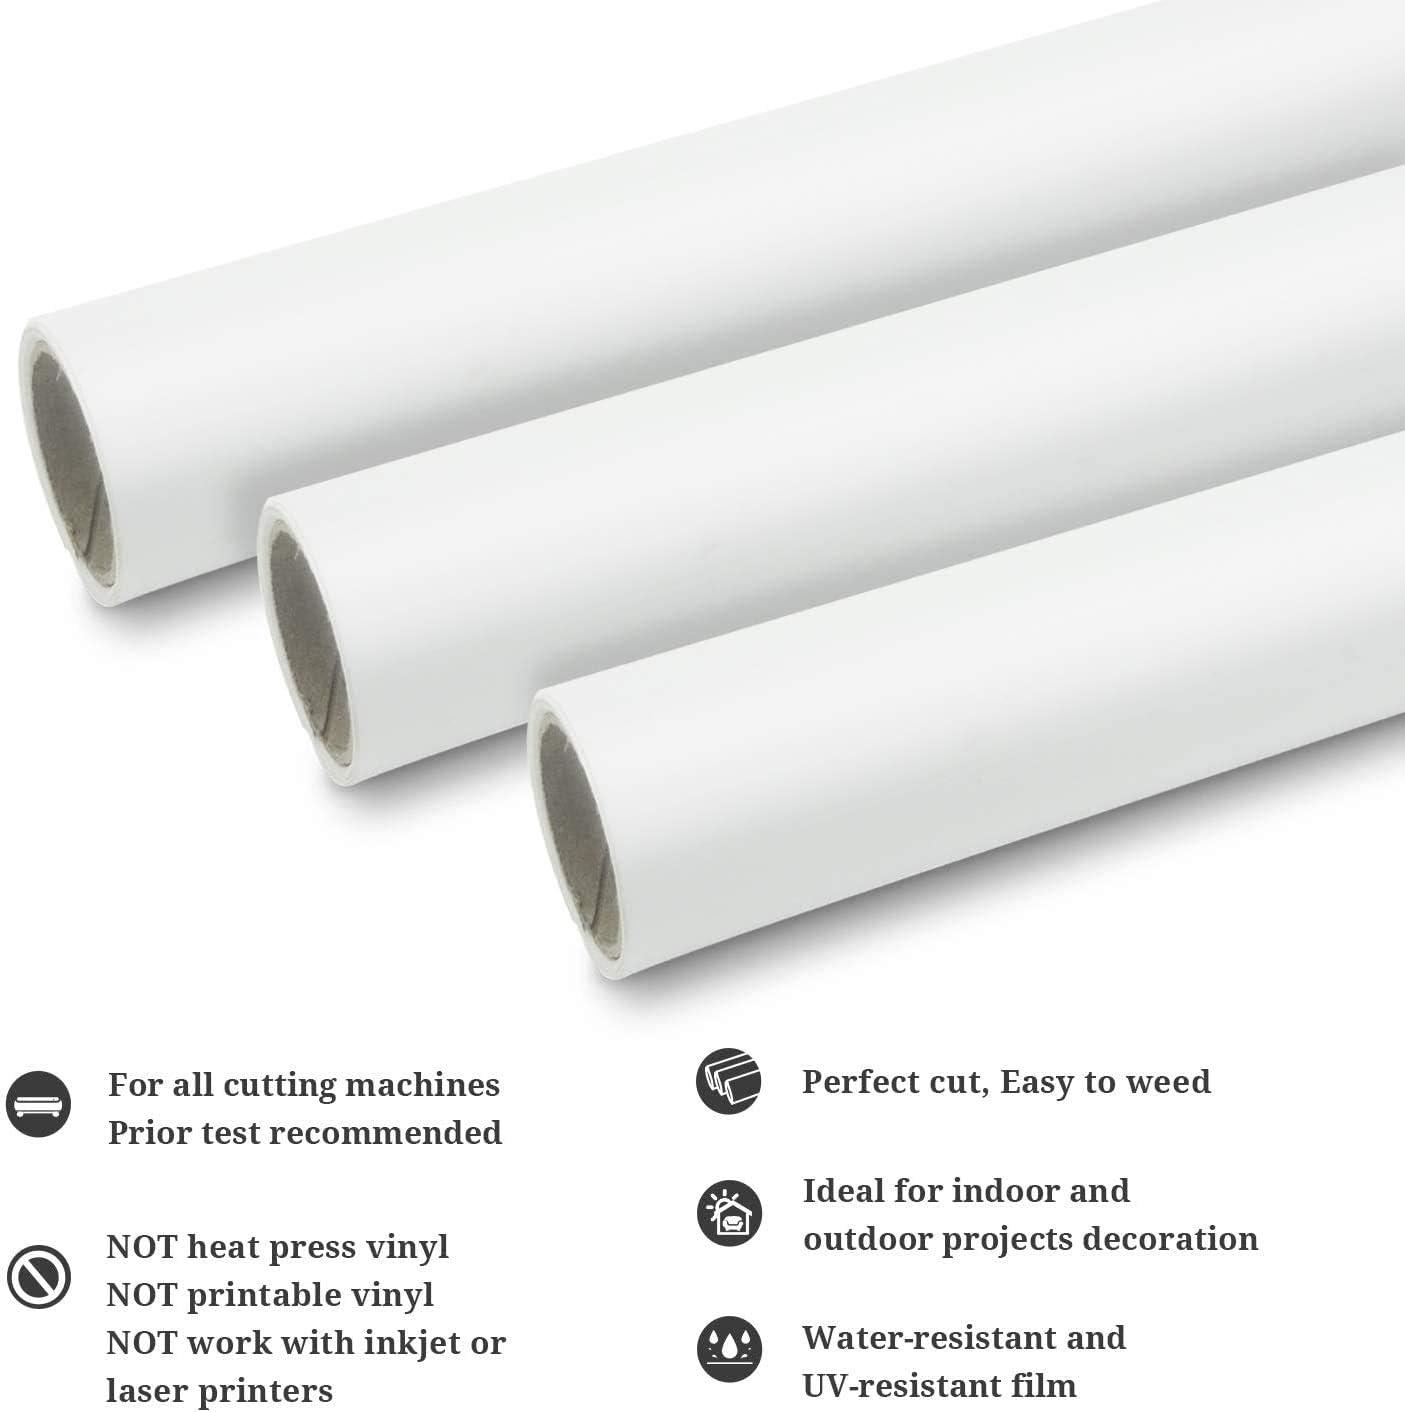 30cmx3m Matte blanco Reposicionable vinilo roll artesanía autoadhesiva película para cortar Plotters y siluetas: Amazon.es: Oficina y papelería